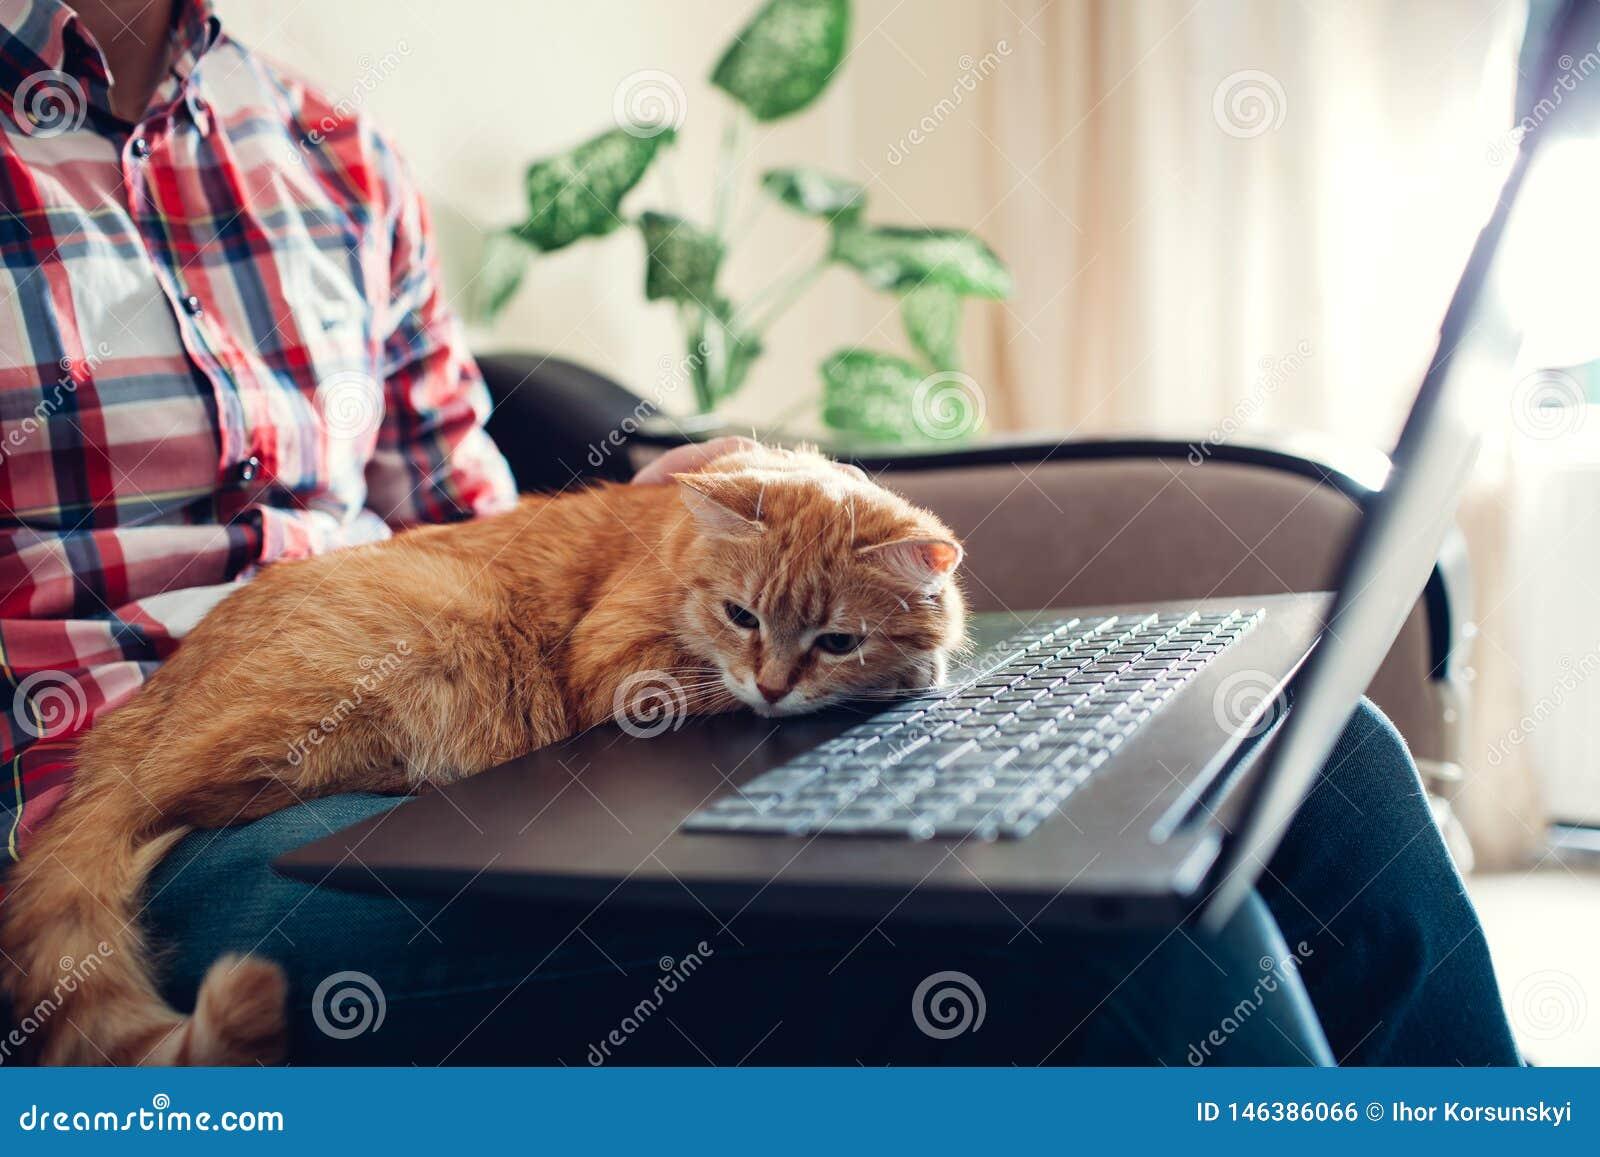 O gato vermelho senta-se nas mãos de um freelancer perto do portátil